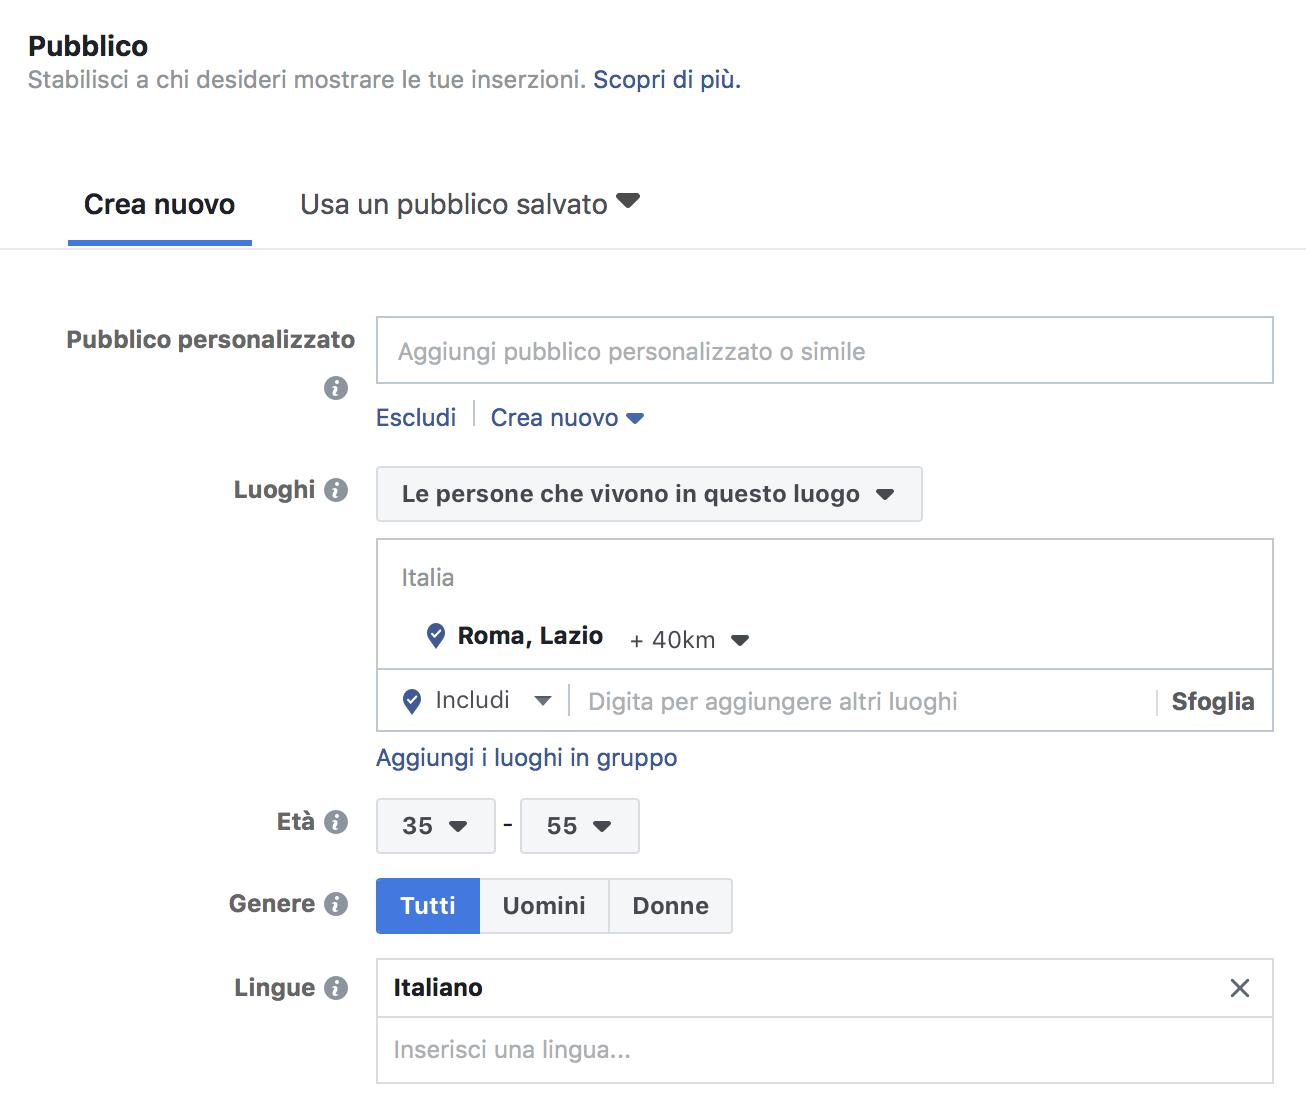 Facebook Ads: Pubblico